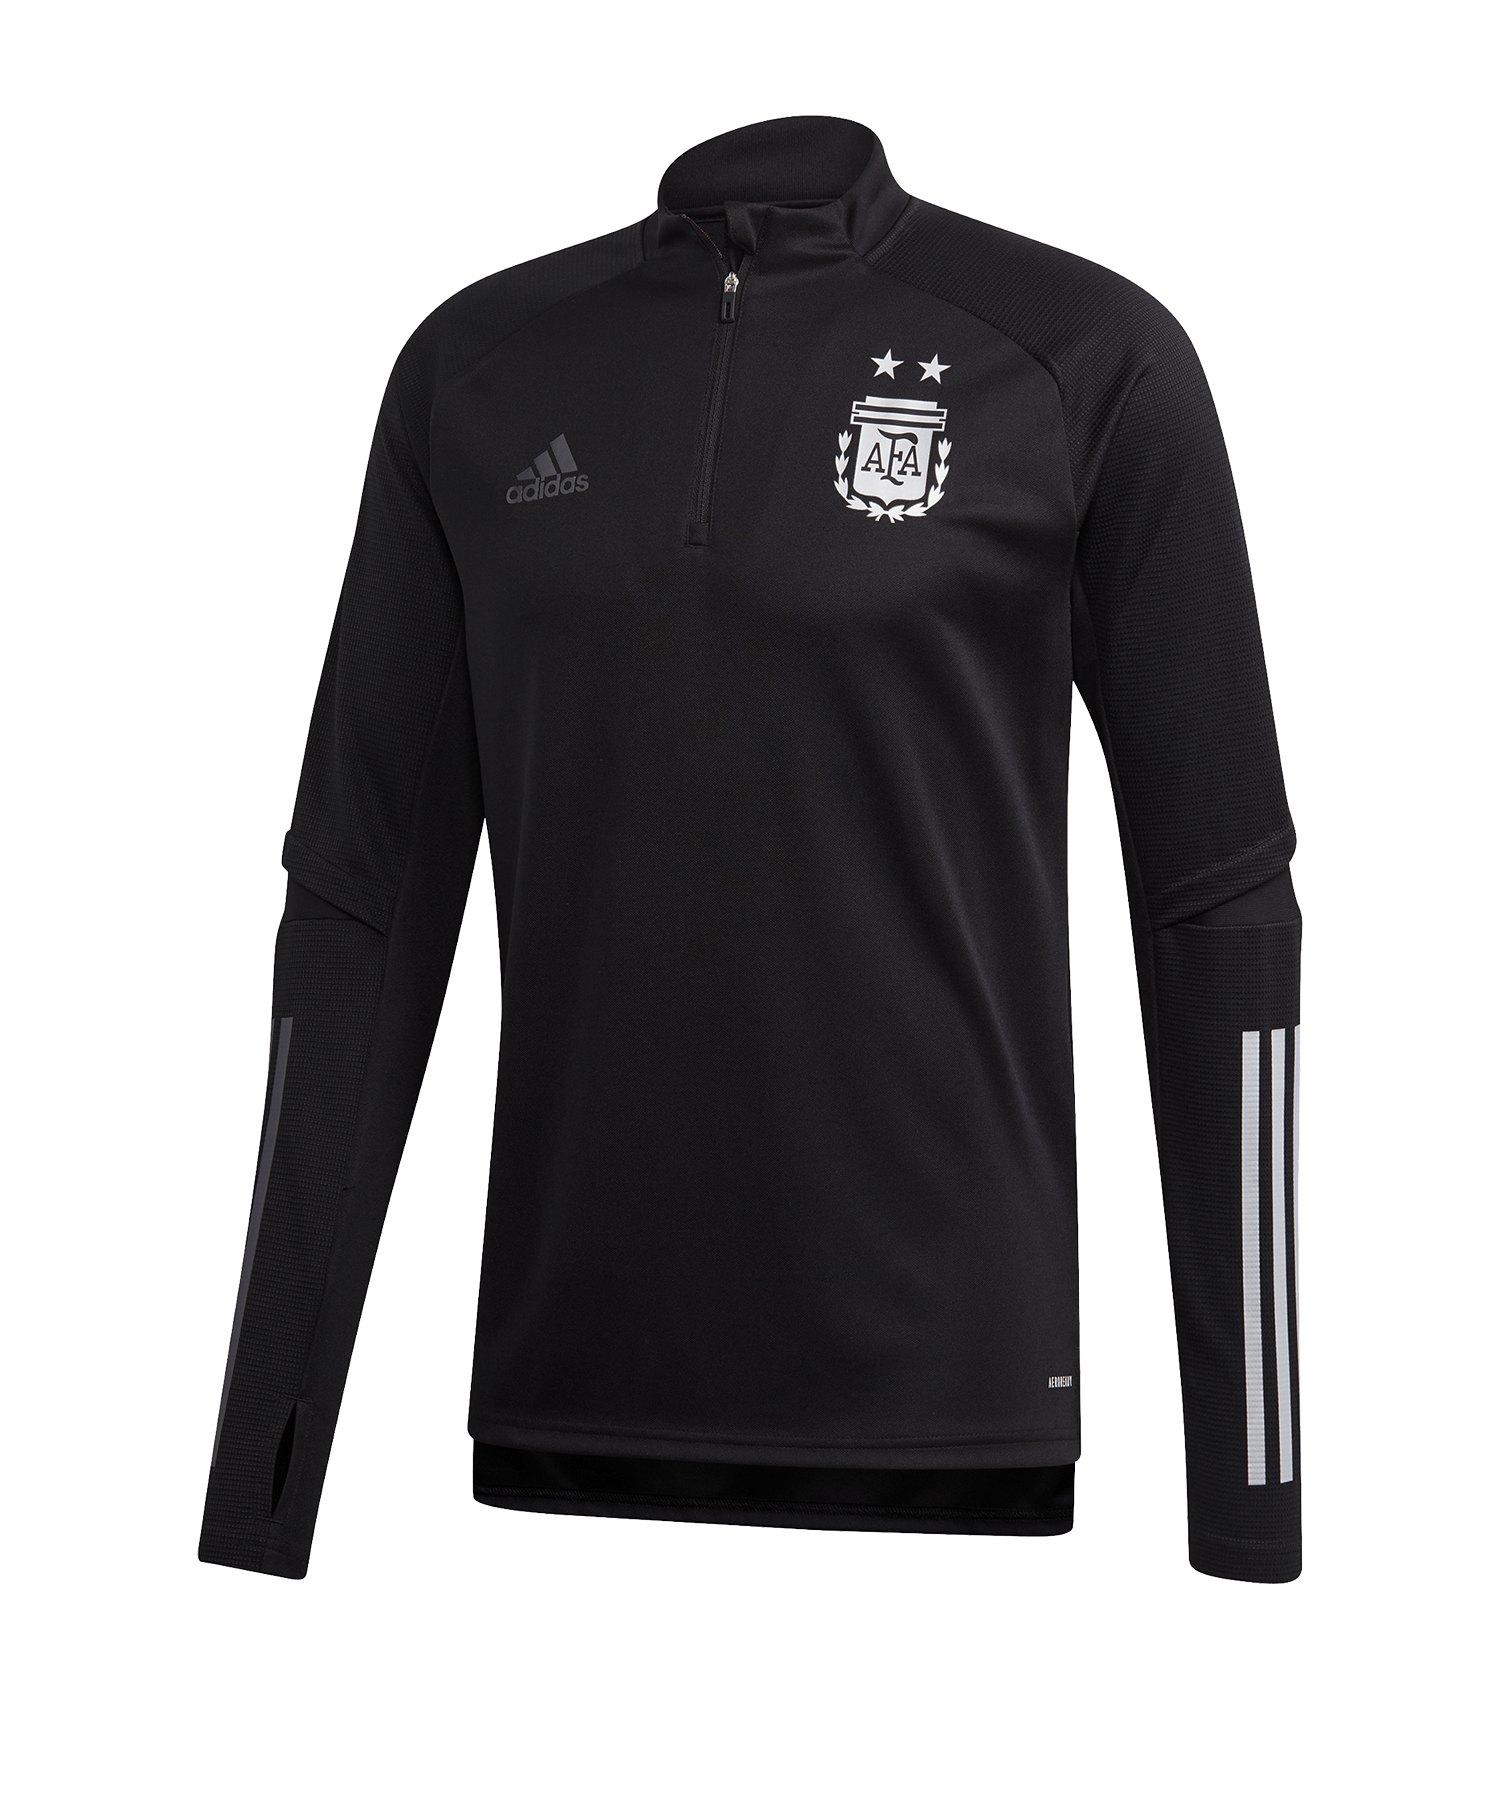 adidas Argentinien 1/4 Zip Top Schwarz - schwarz